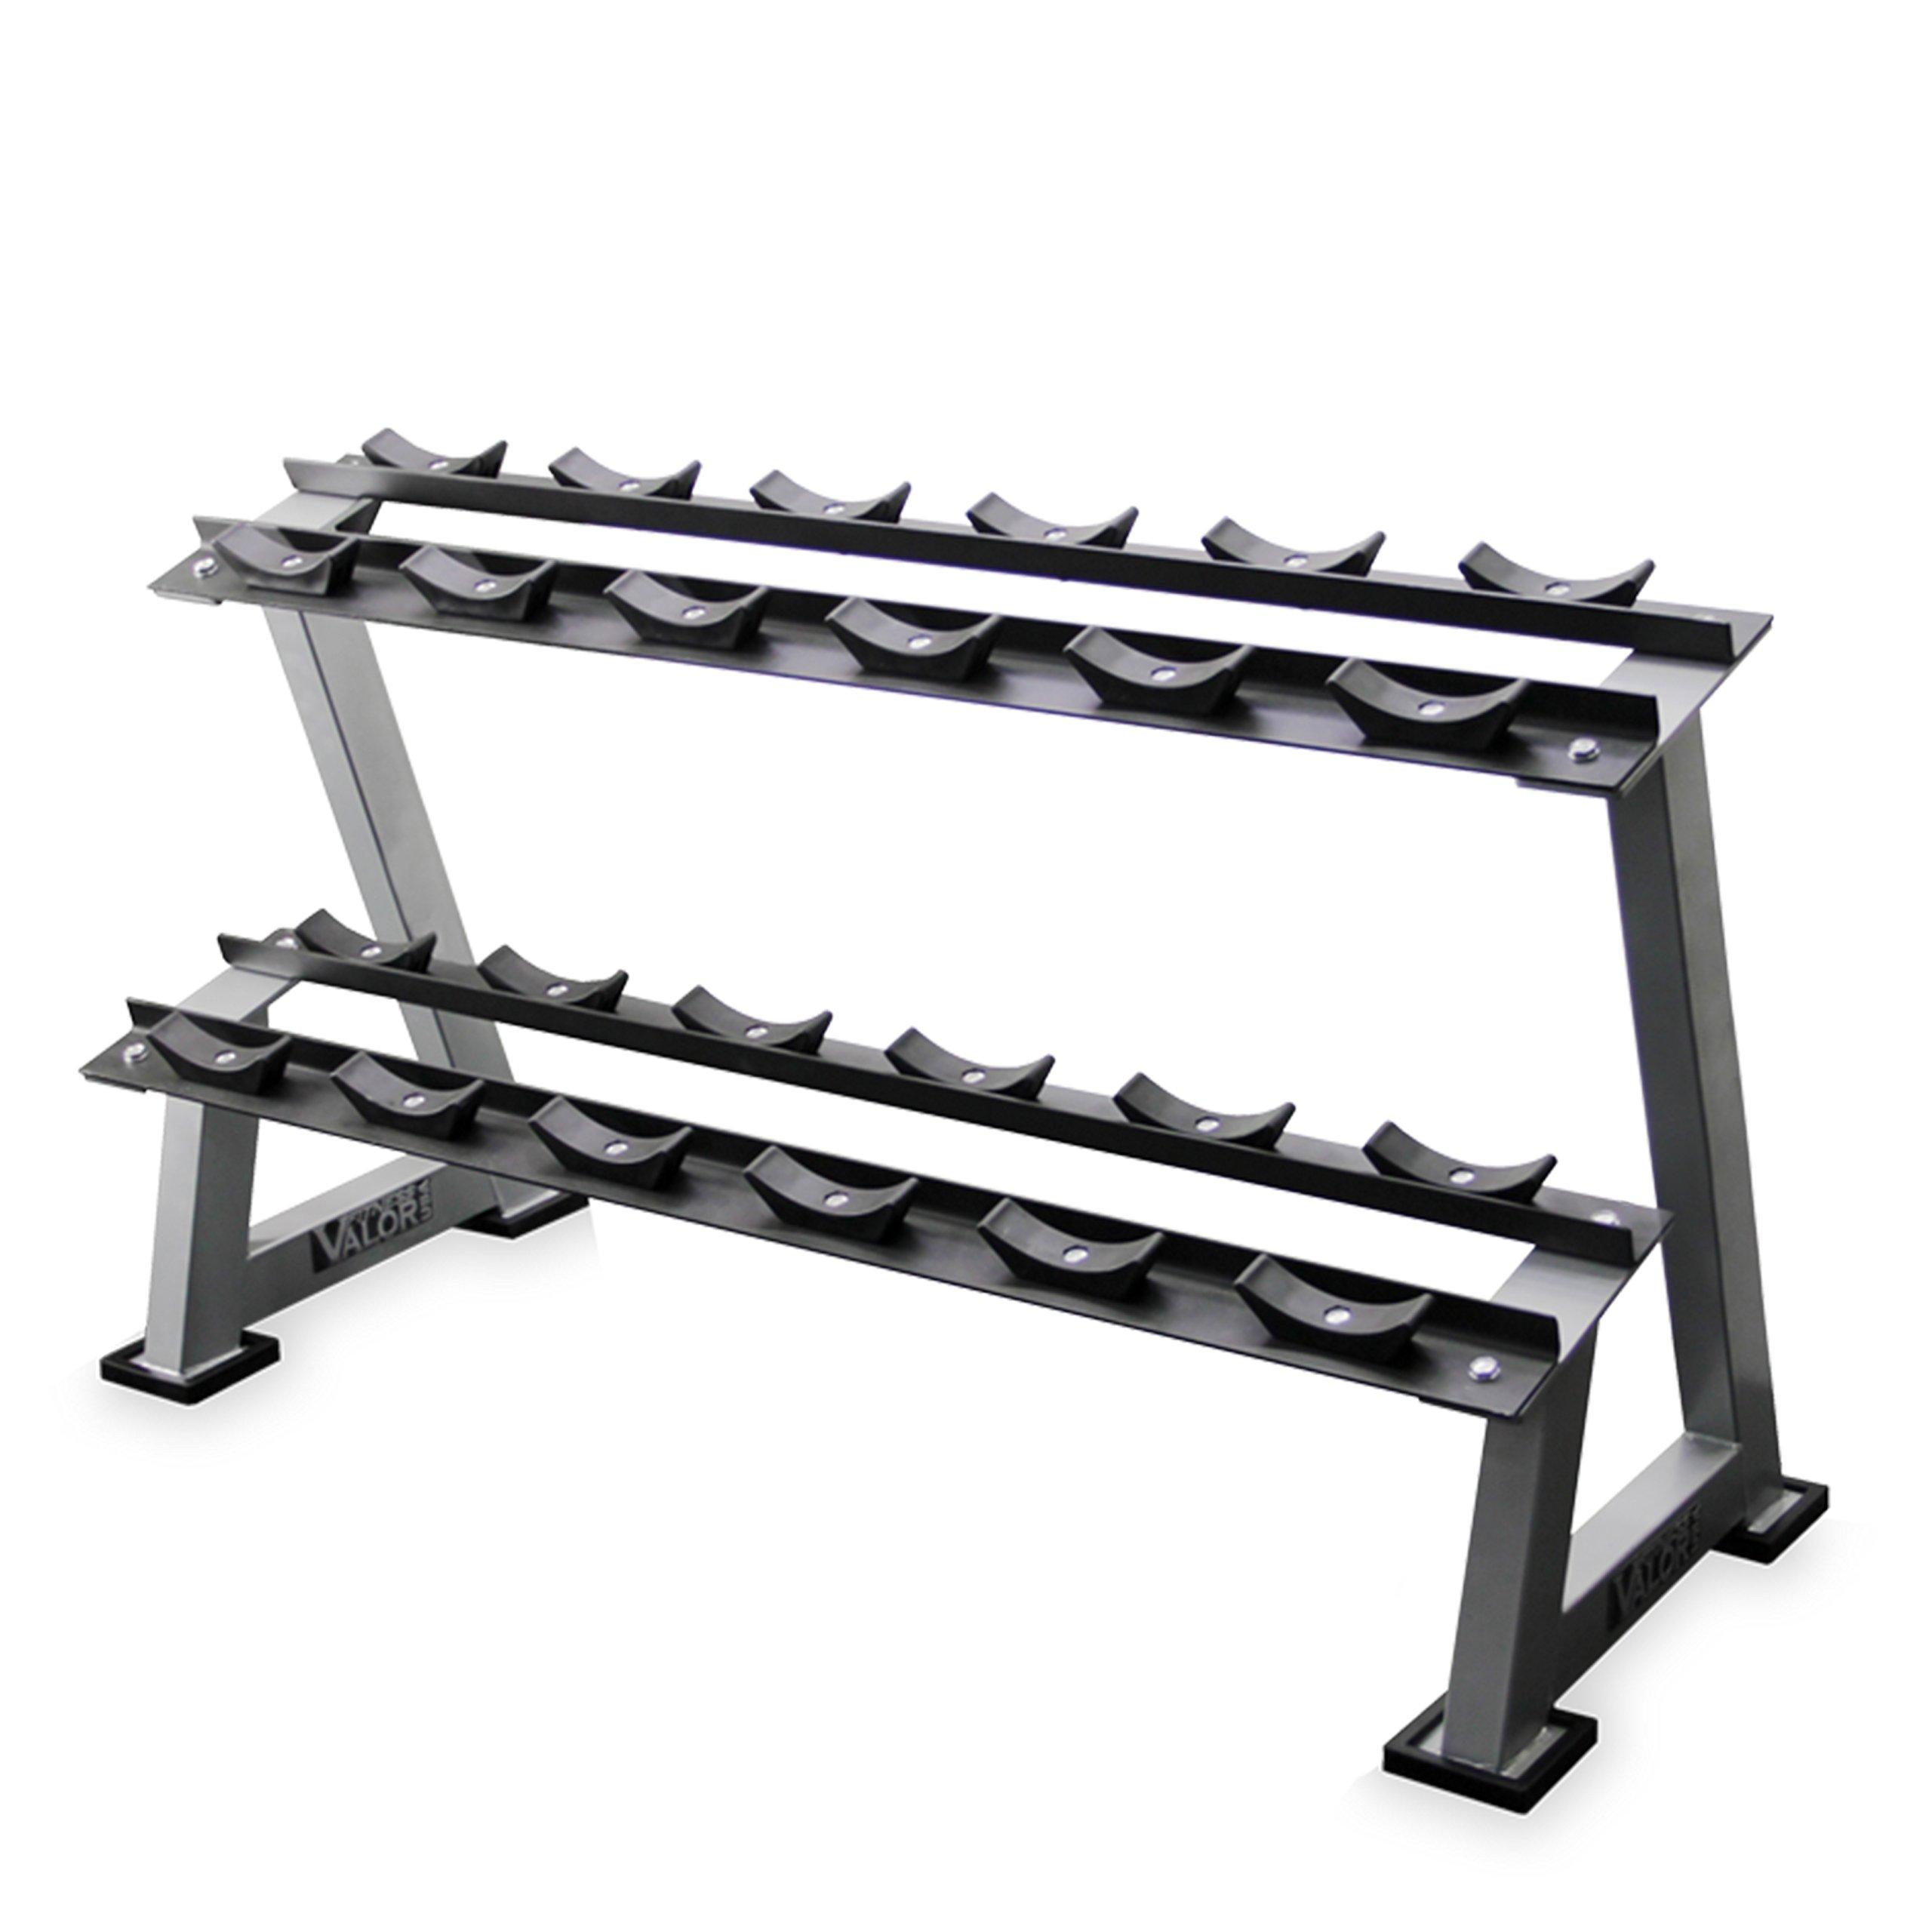 Valor Fitness BG-10 Dumbbell Rack 6-pairs by Valor Fitness